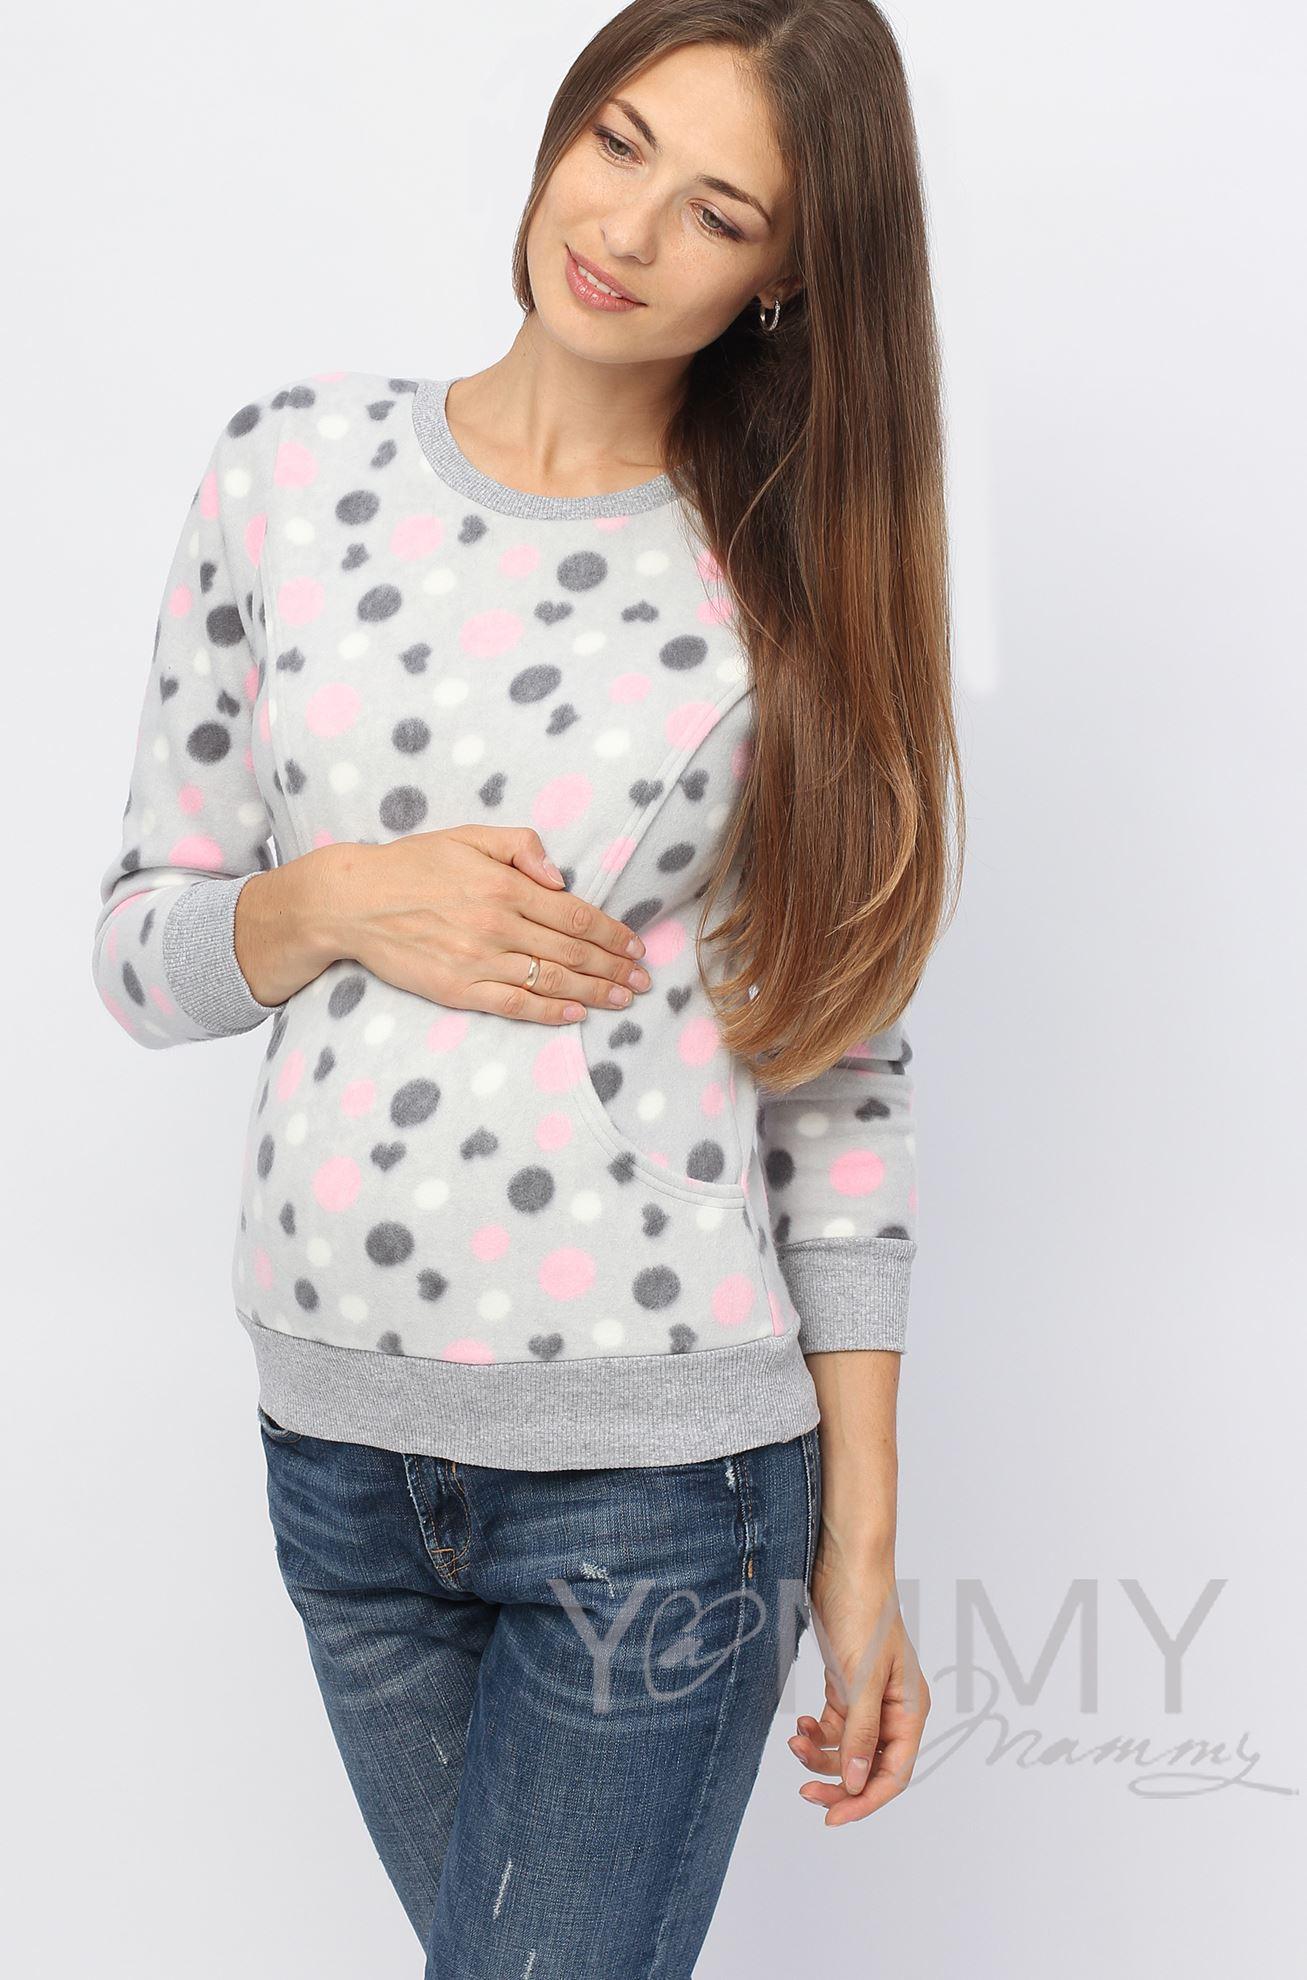 Изображение                               Джемпер флисовый серый с розовыми и серыми кругами